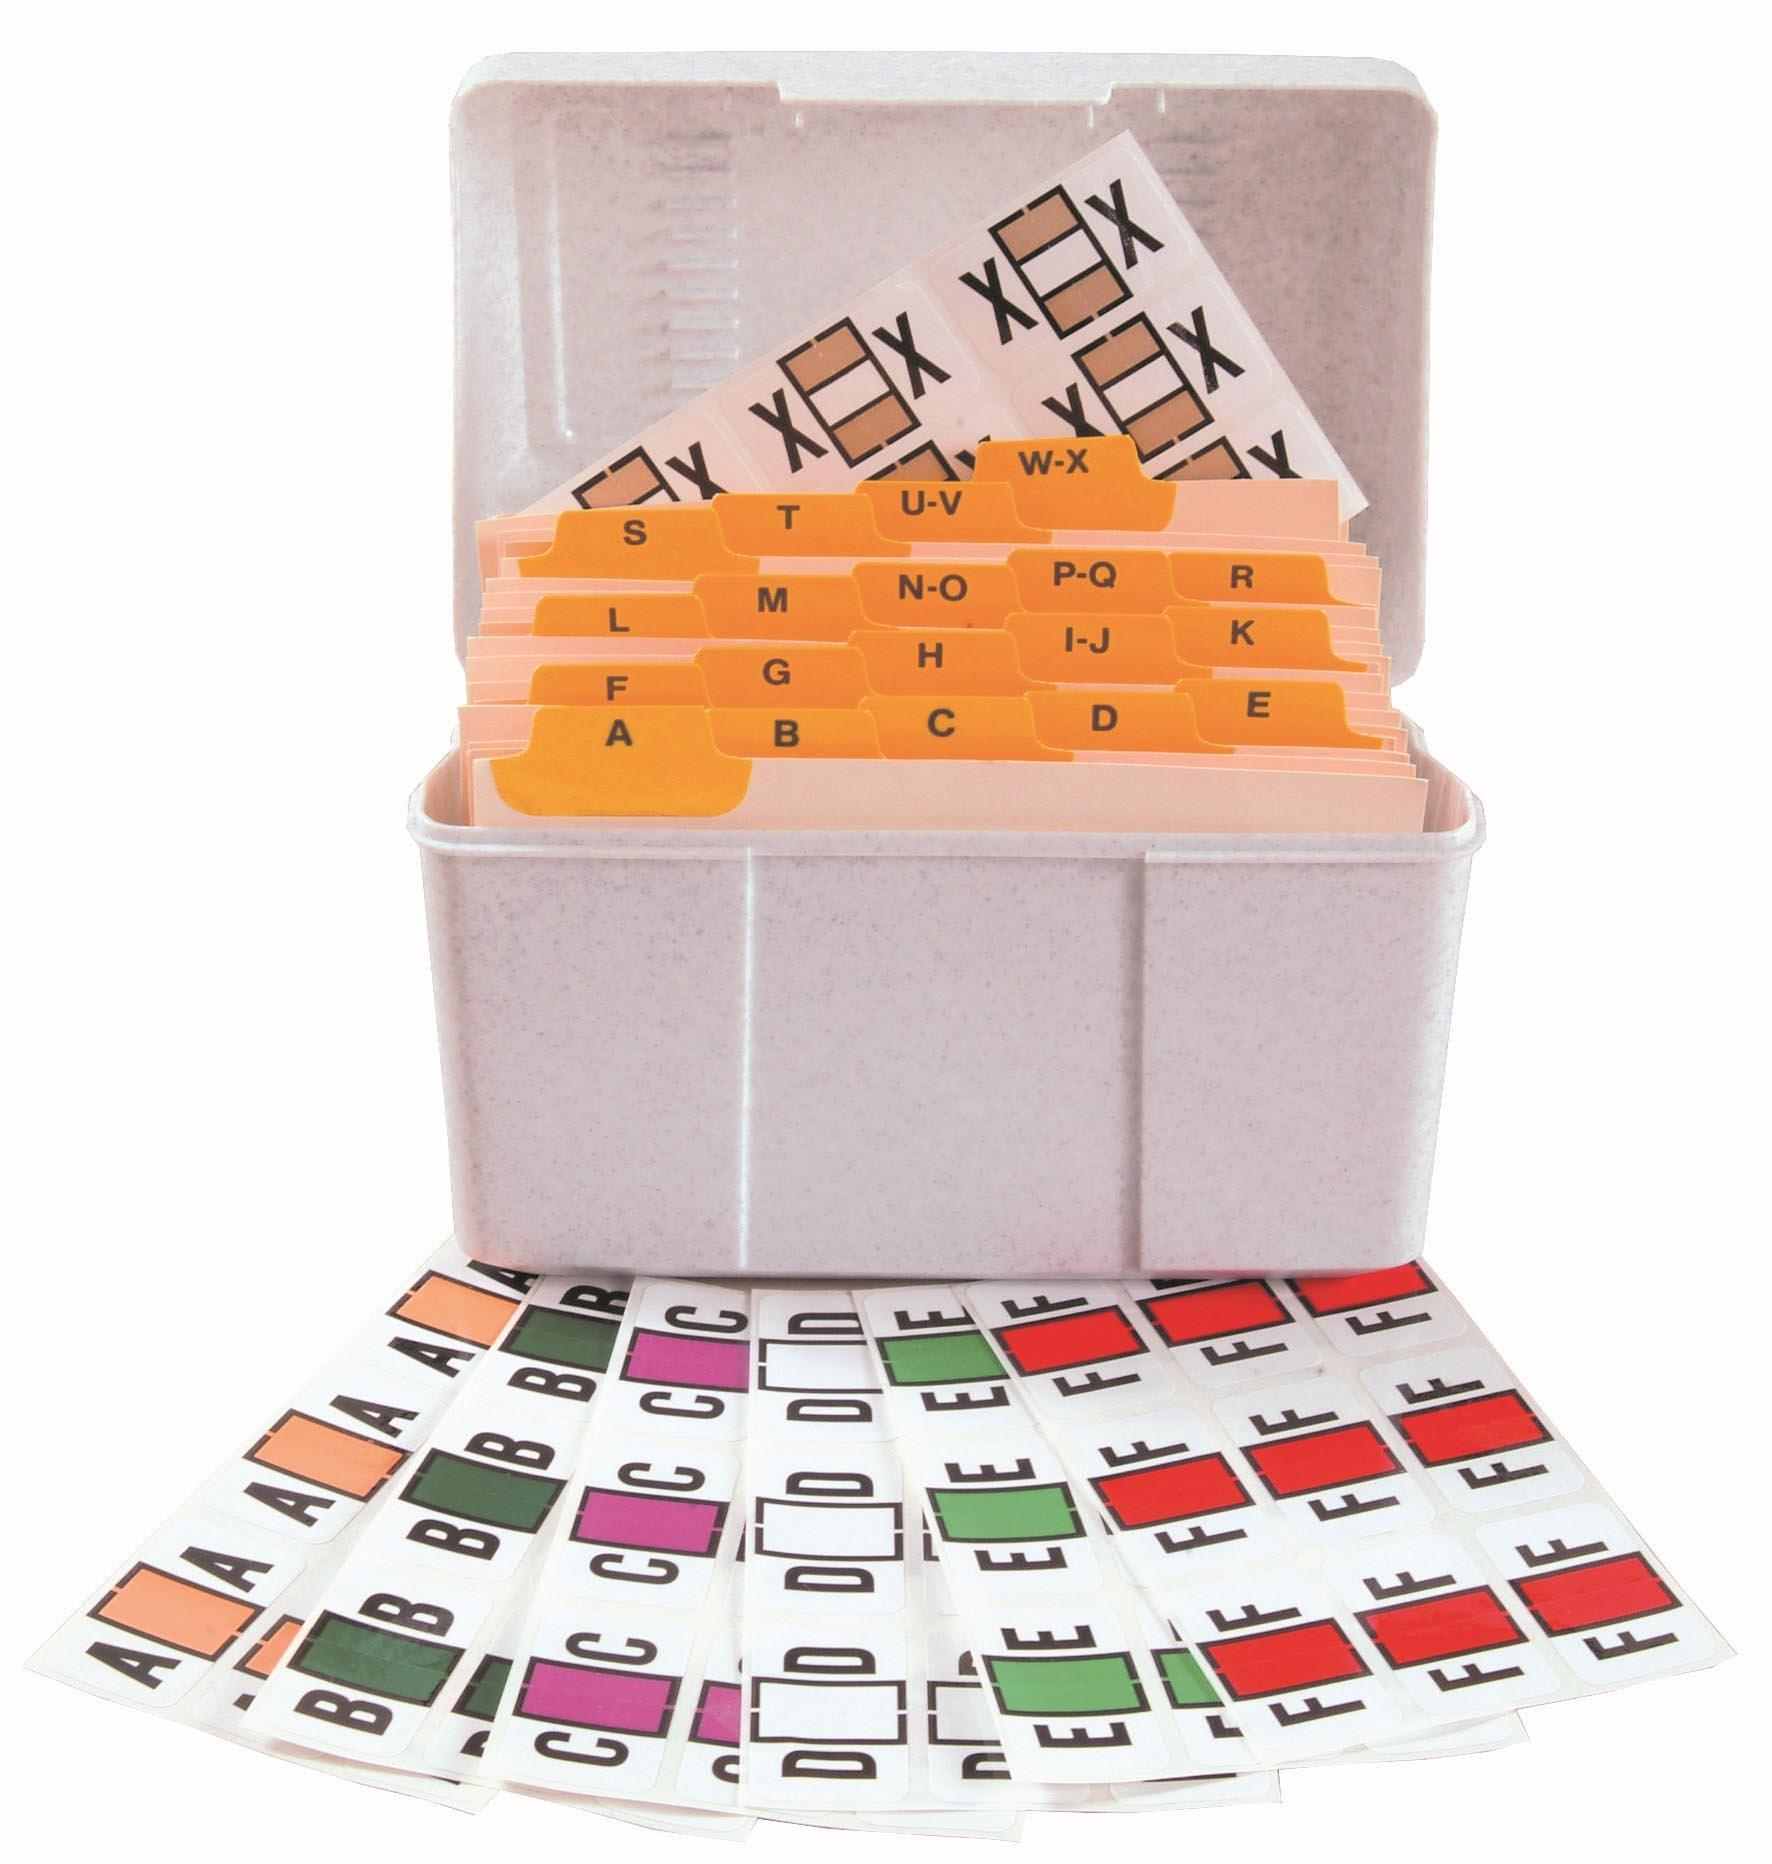 Jeter 7100 Match JTPK Series Alpha Sheet Labels - Desk Set